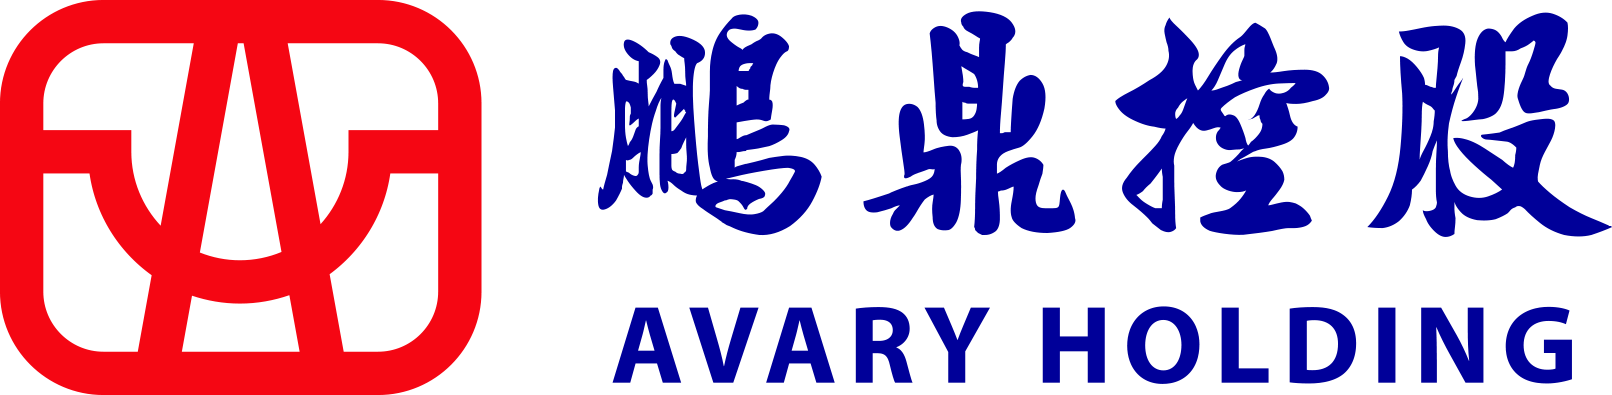 鹏鼎控股(深圳)股份有限公司